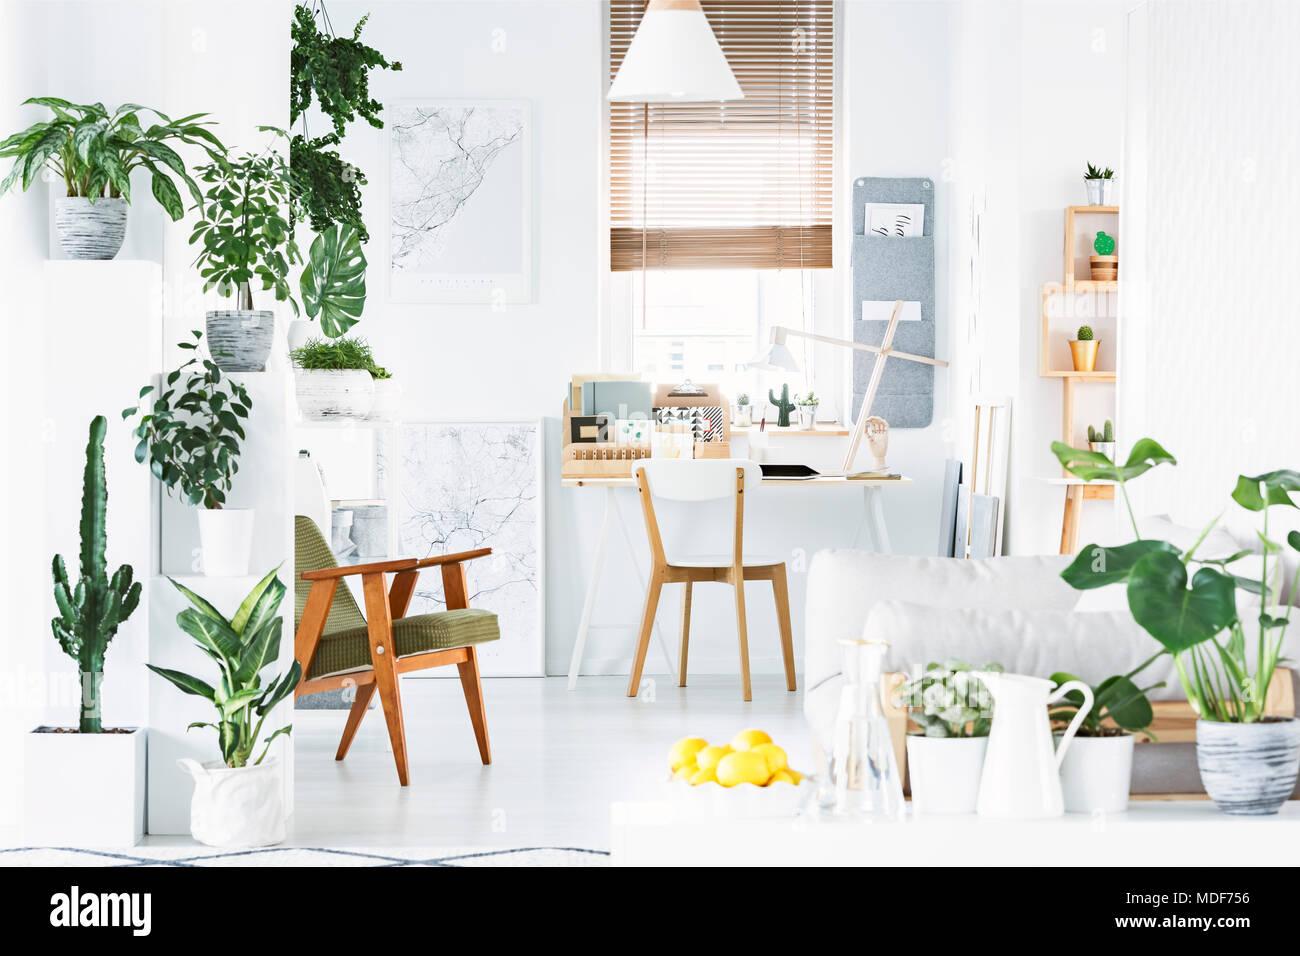 Bureau accueil botanique intérieur avec murs blancs, chaise en bois et des citrons dans un bol Photo Stock